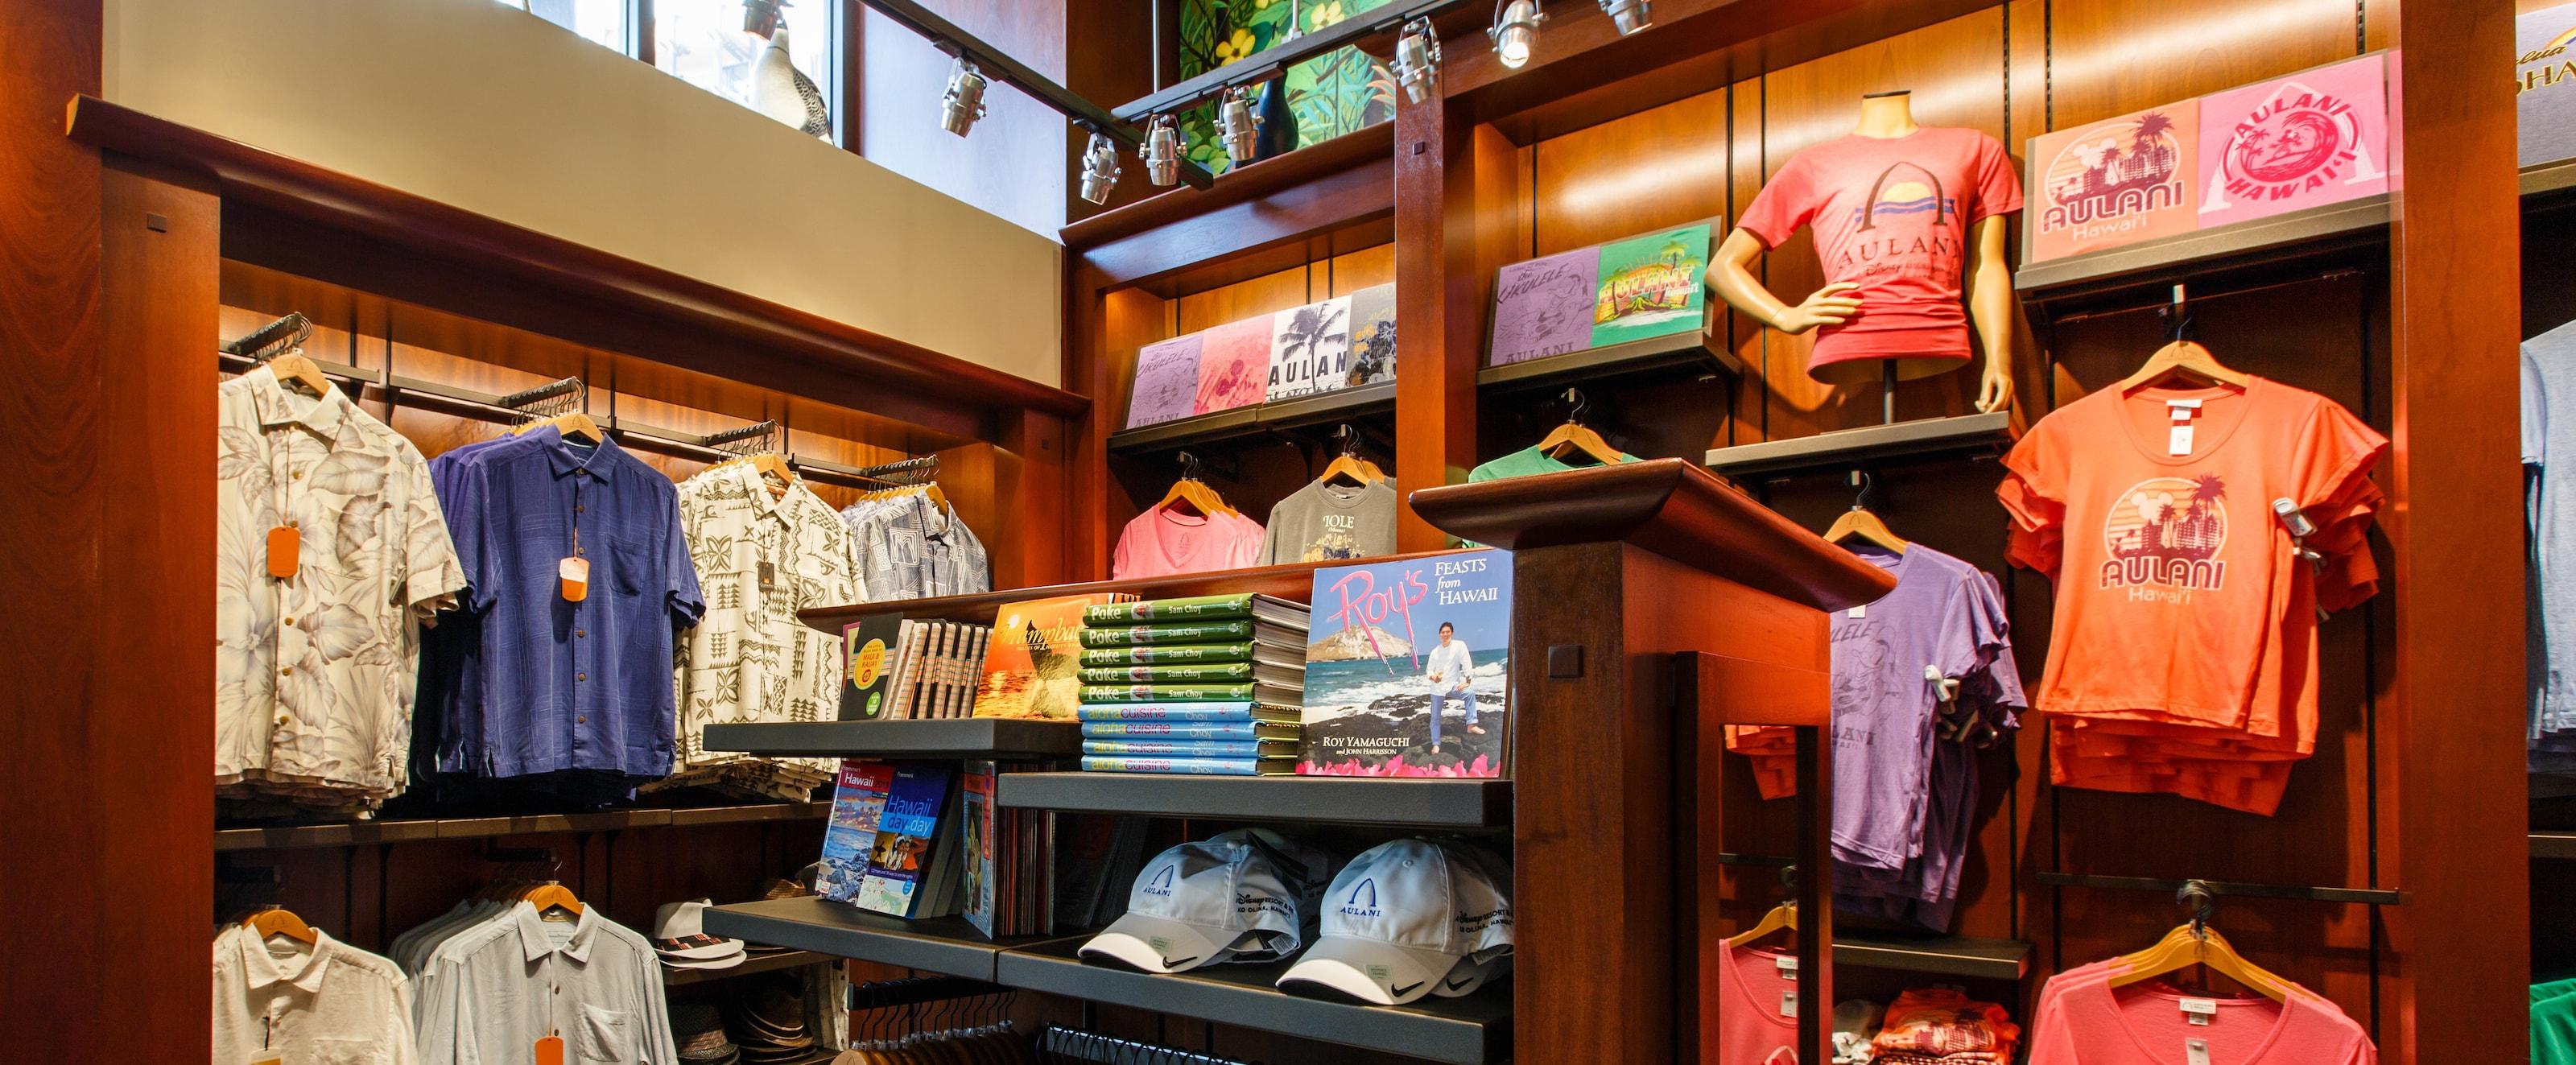 棚の上のアウラニ・リゾートの帽子と本、側に吊された男性用のボタンダウンシャツとTシャツ